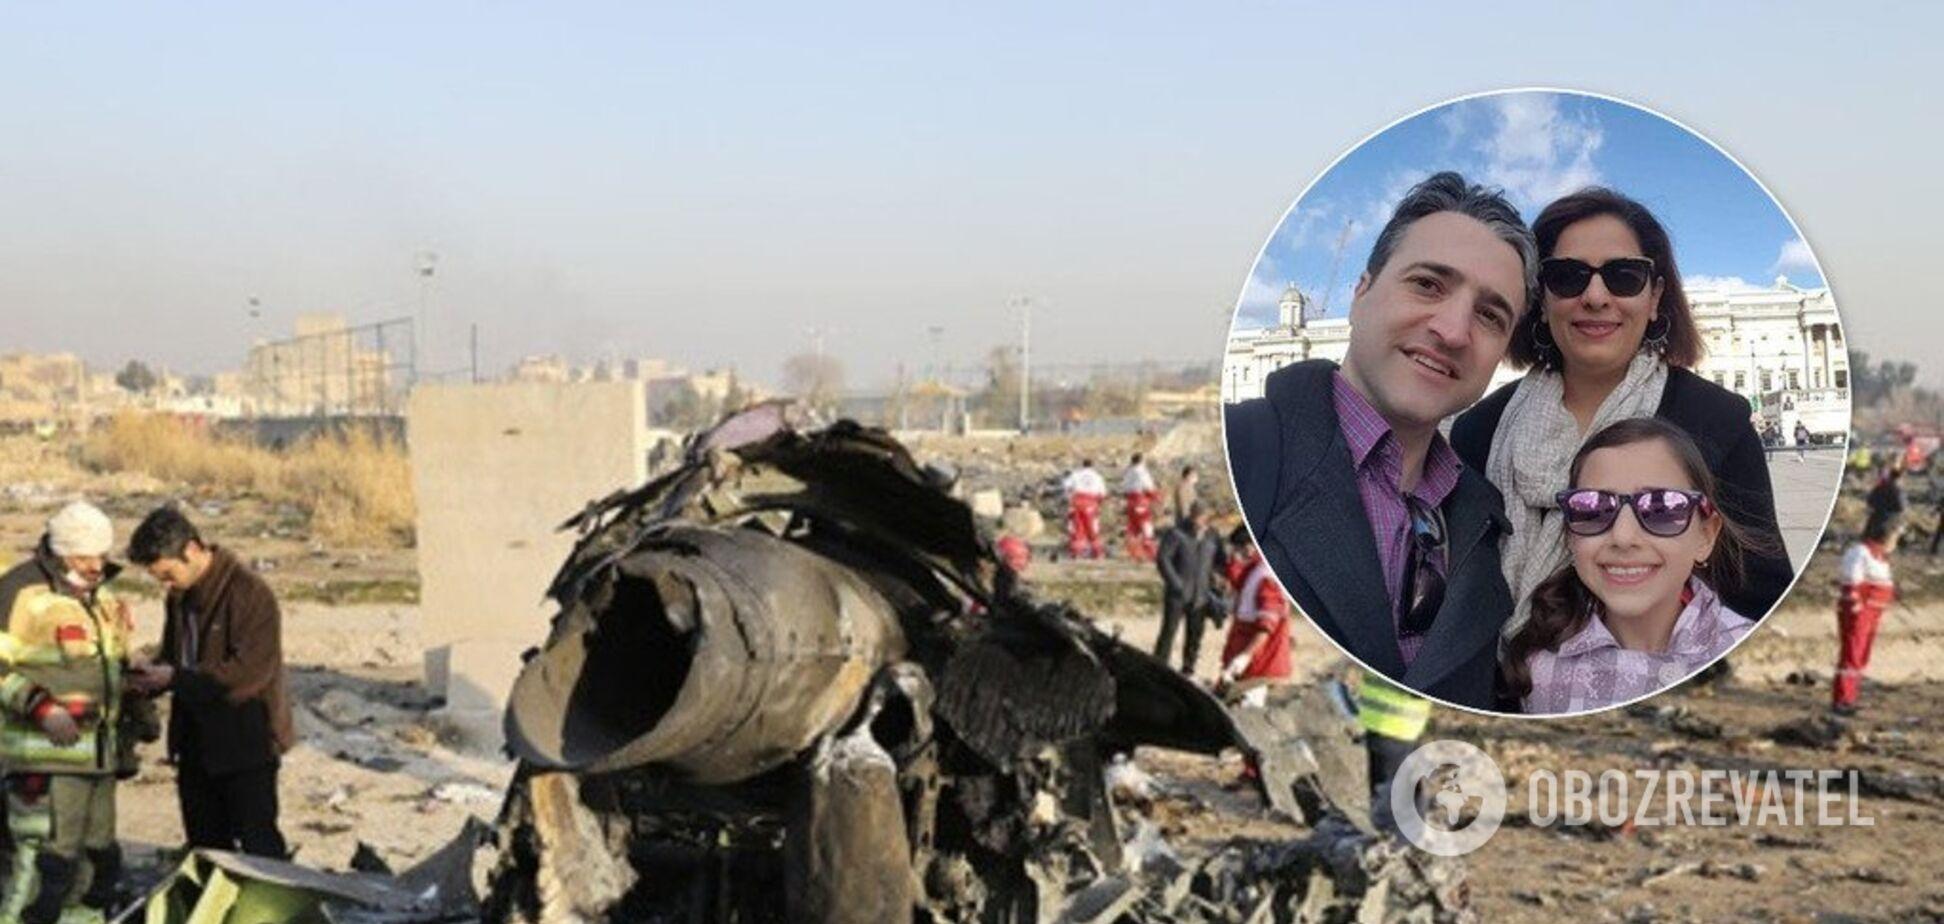 'Не можу їх повернути!' Канадець зворушив історією про рідних, які загинули в катастрофі літака МАУ